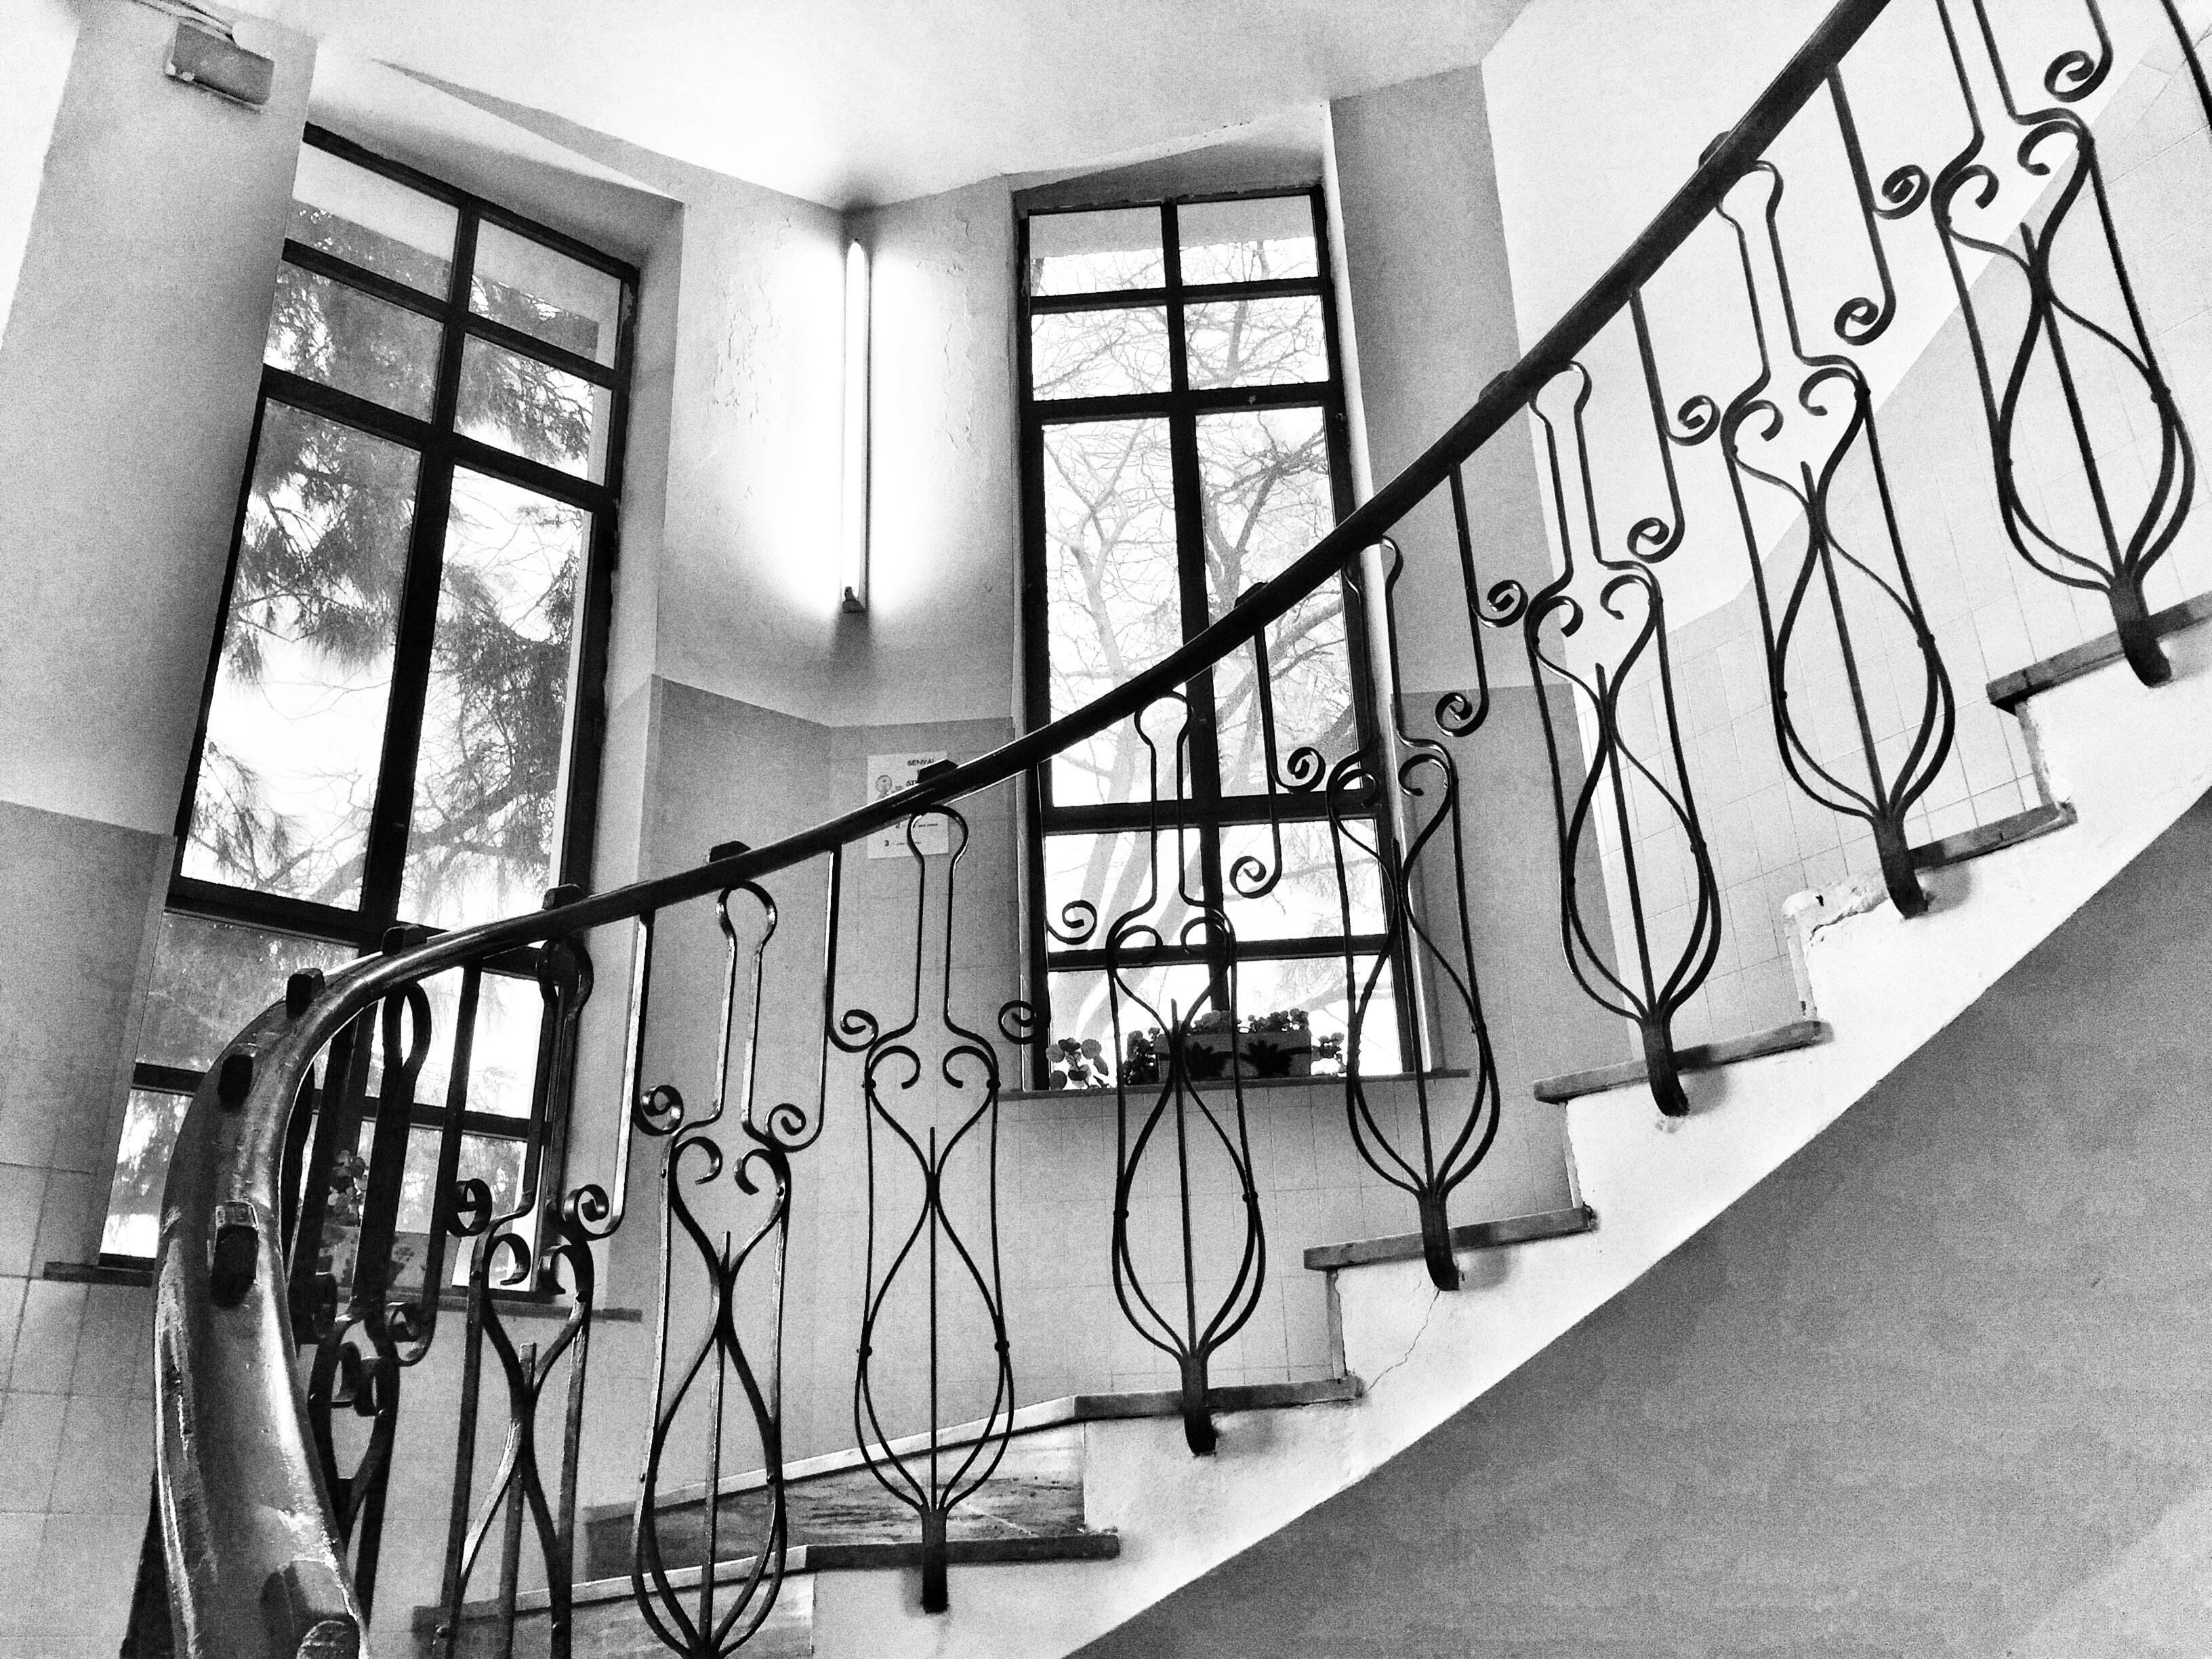 Gratis afbeeldingen zwart en wit venster muur stappen lijn trap monochroom interieur - Ontwerp trap trap ...